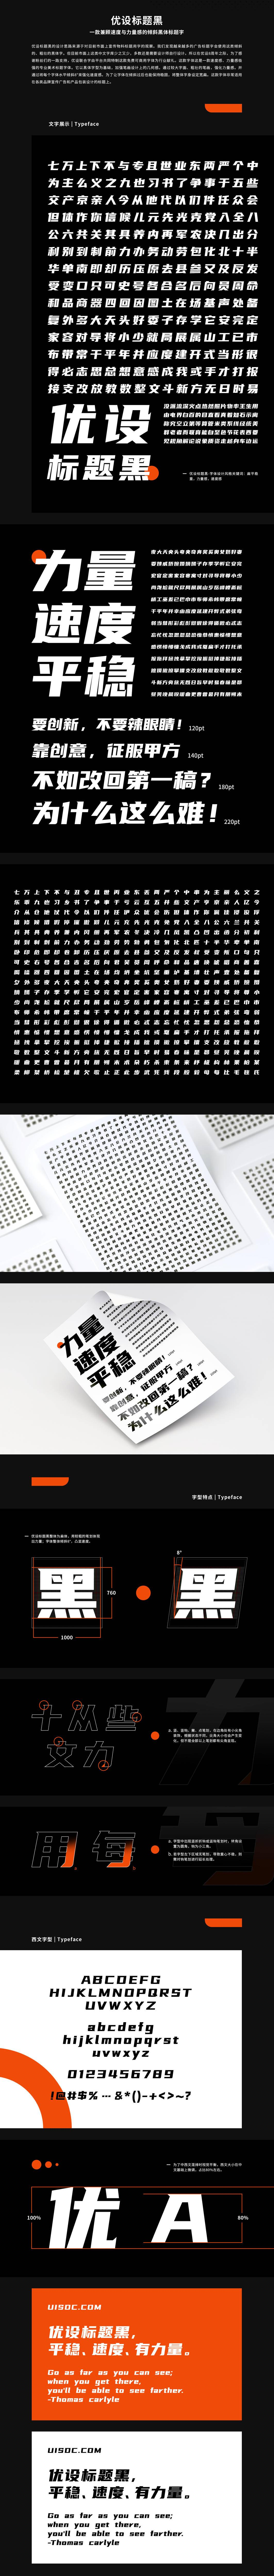 优设首款免费可商用中文字体「优设标题黑」来啦!插图(2)